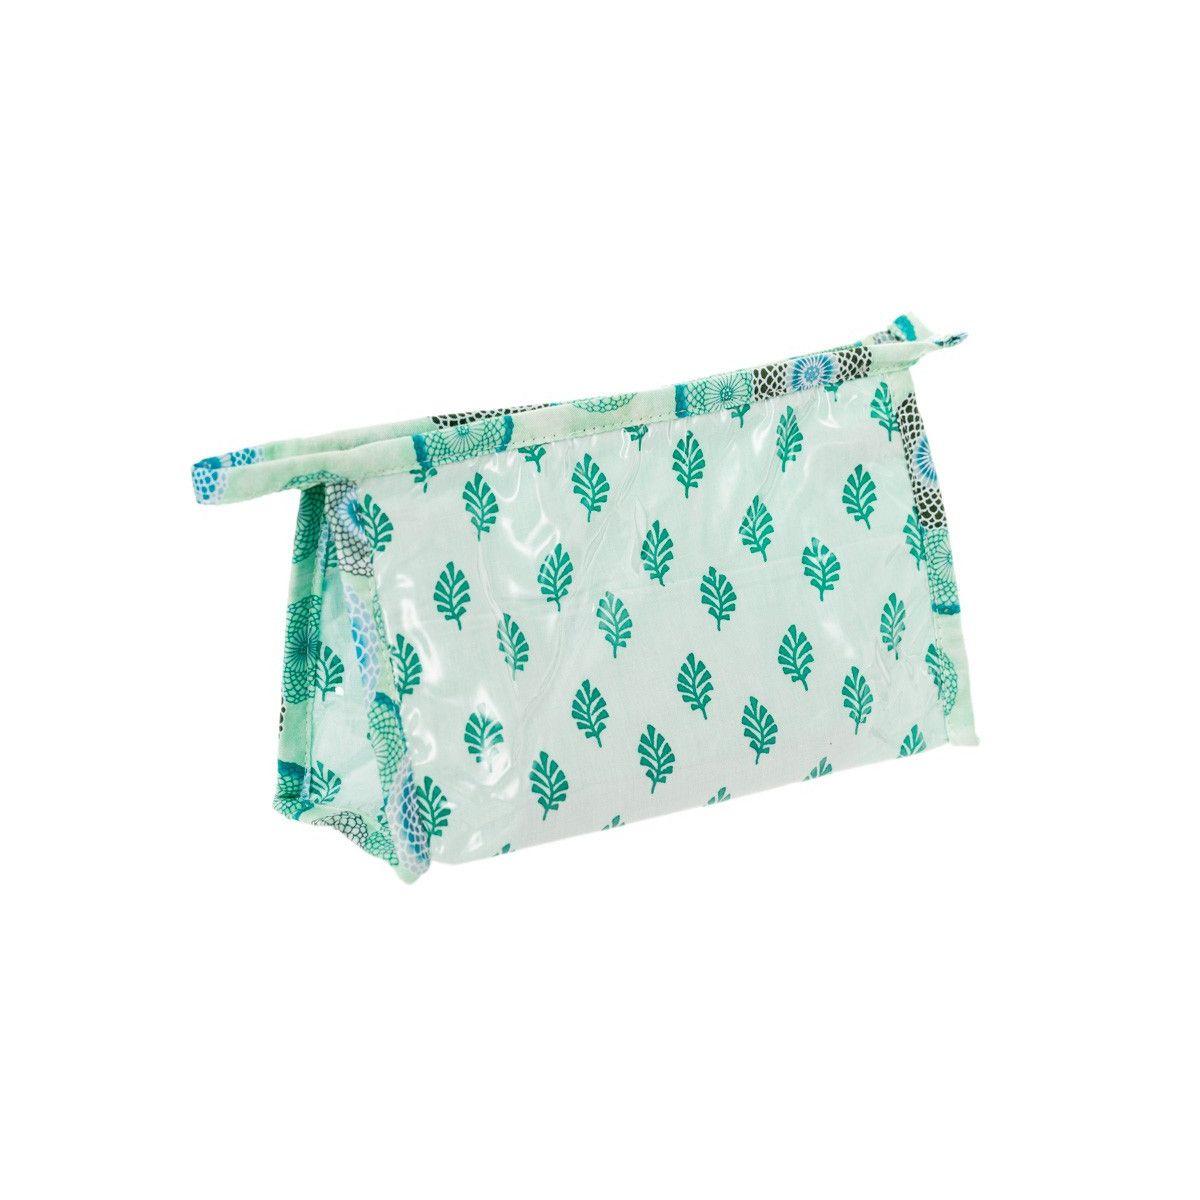 Petite trousse de toilette fantaisie vert et blanc Blue dahlia